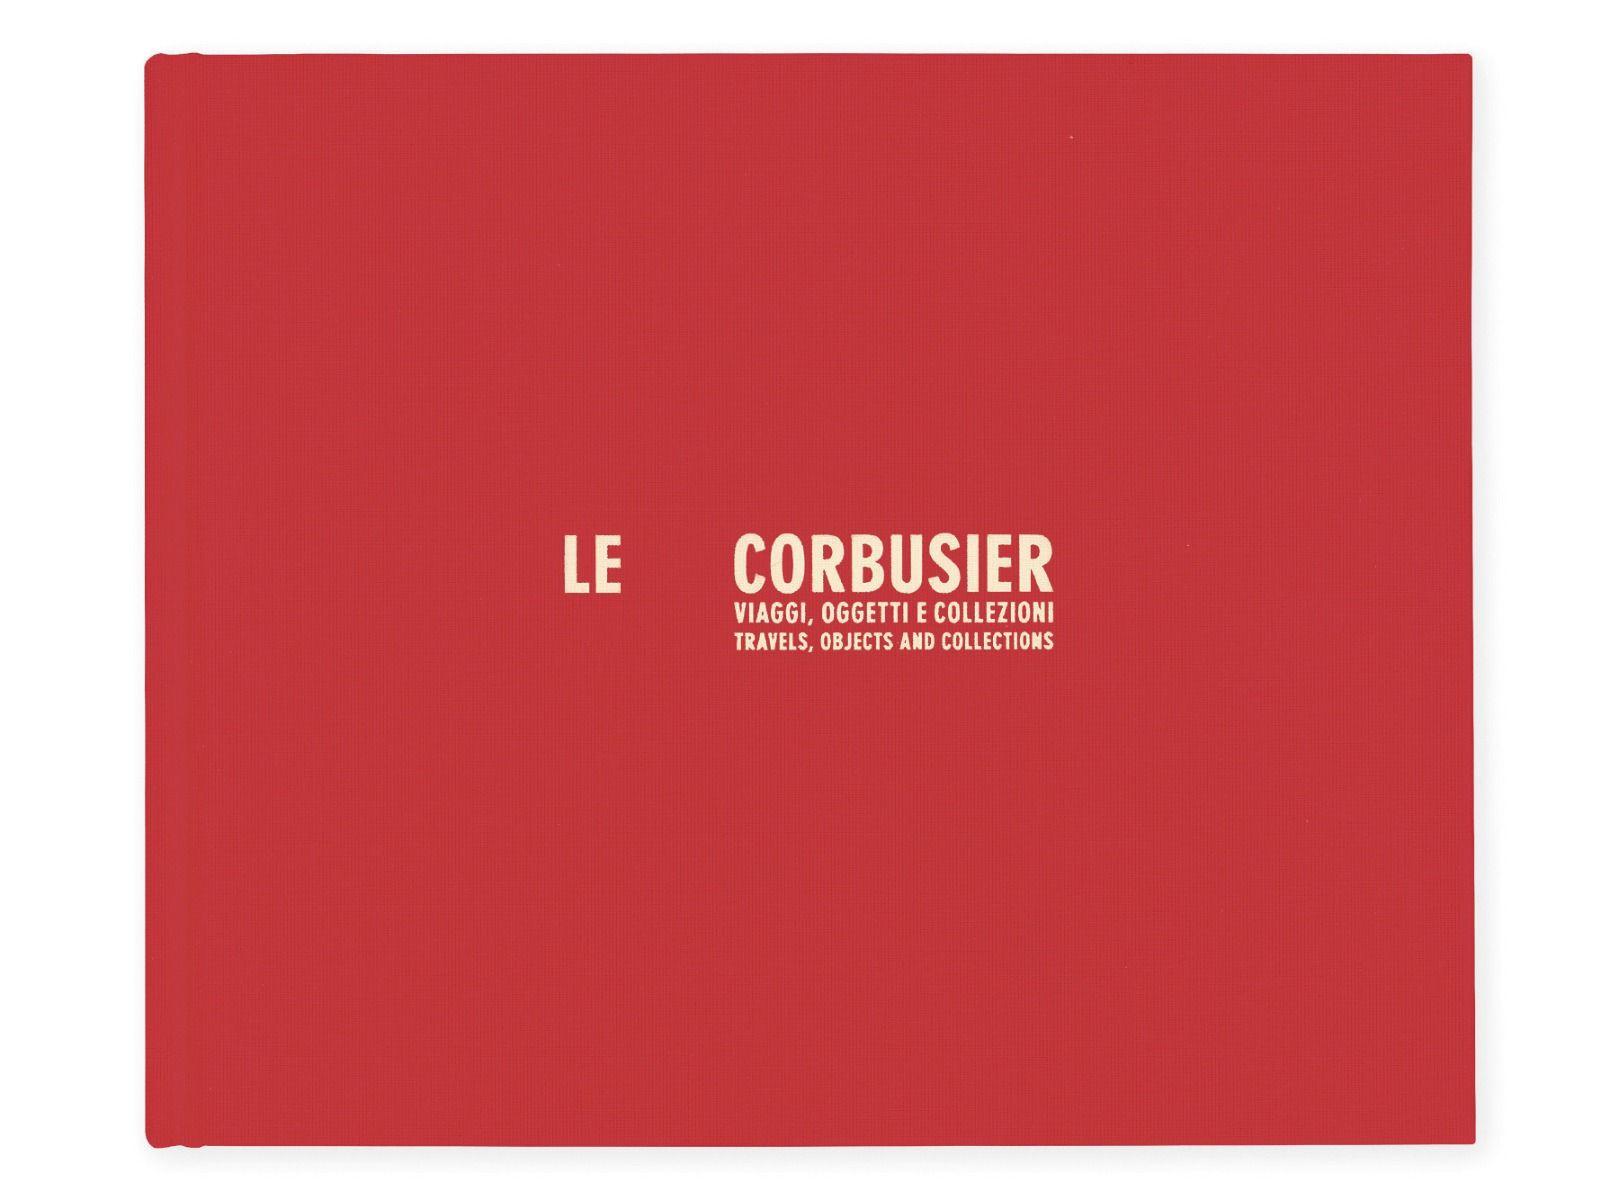 ル・コルビュジエ: LE CORBUSIER: TRAVELS, OBJECTS, AND COLLECTIONS